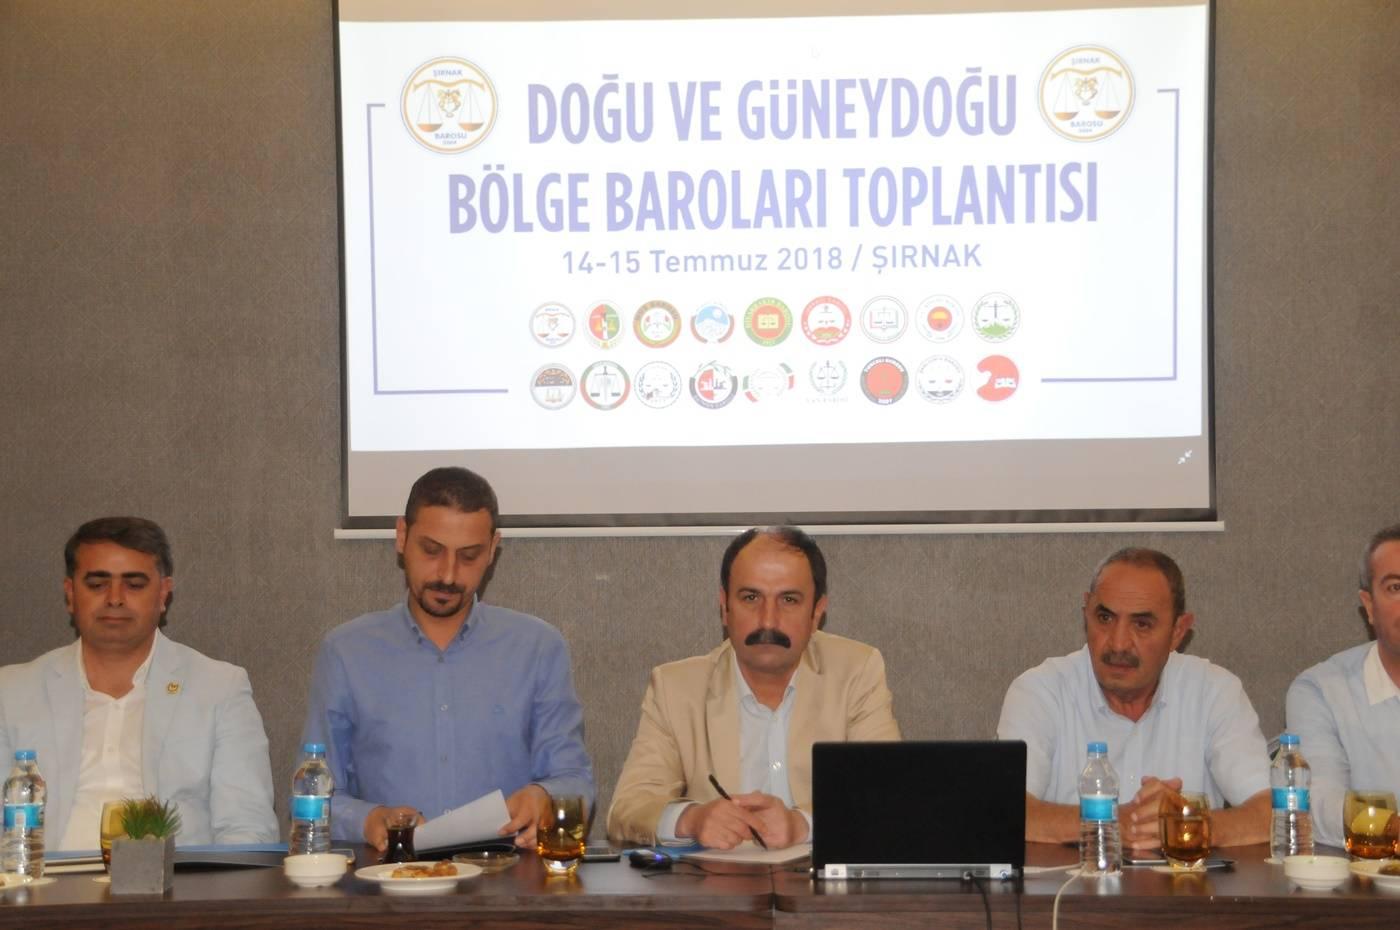 BÖLGE BAROLARI TOPLANTISI SONUÇ BİLDİRGESİ